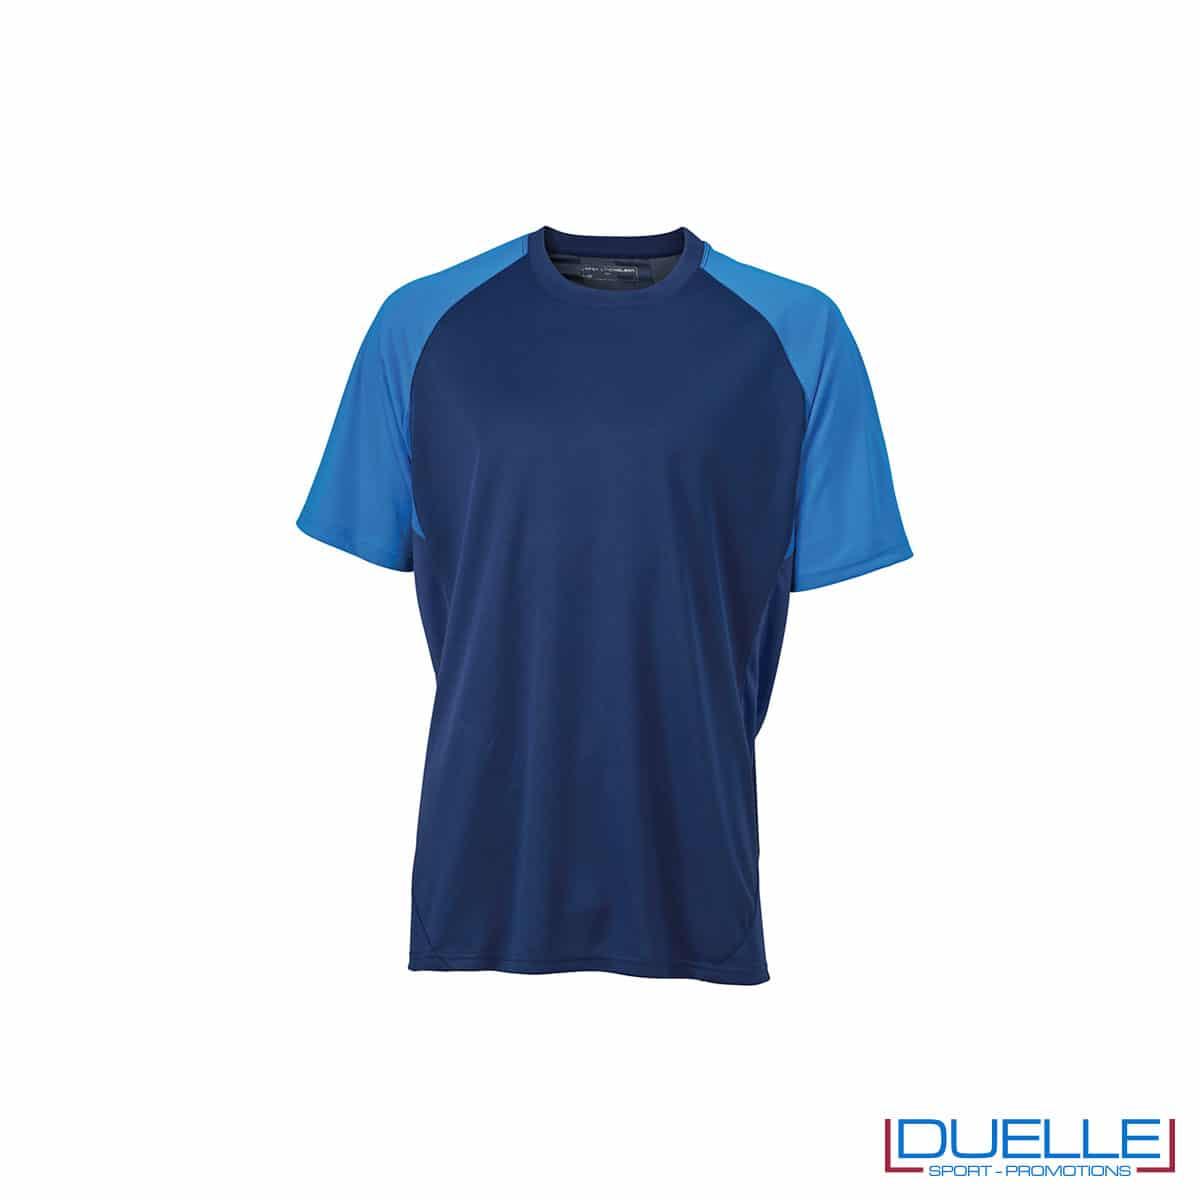 Maglietta calcio personalizzabile colore blu navy-azzurro